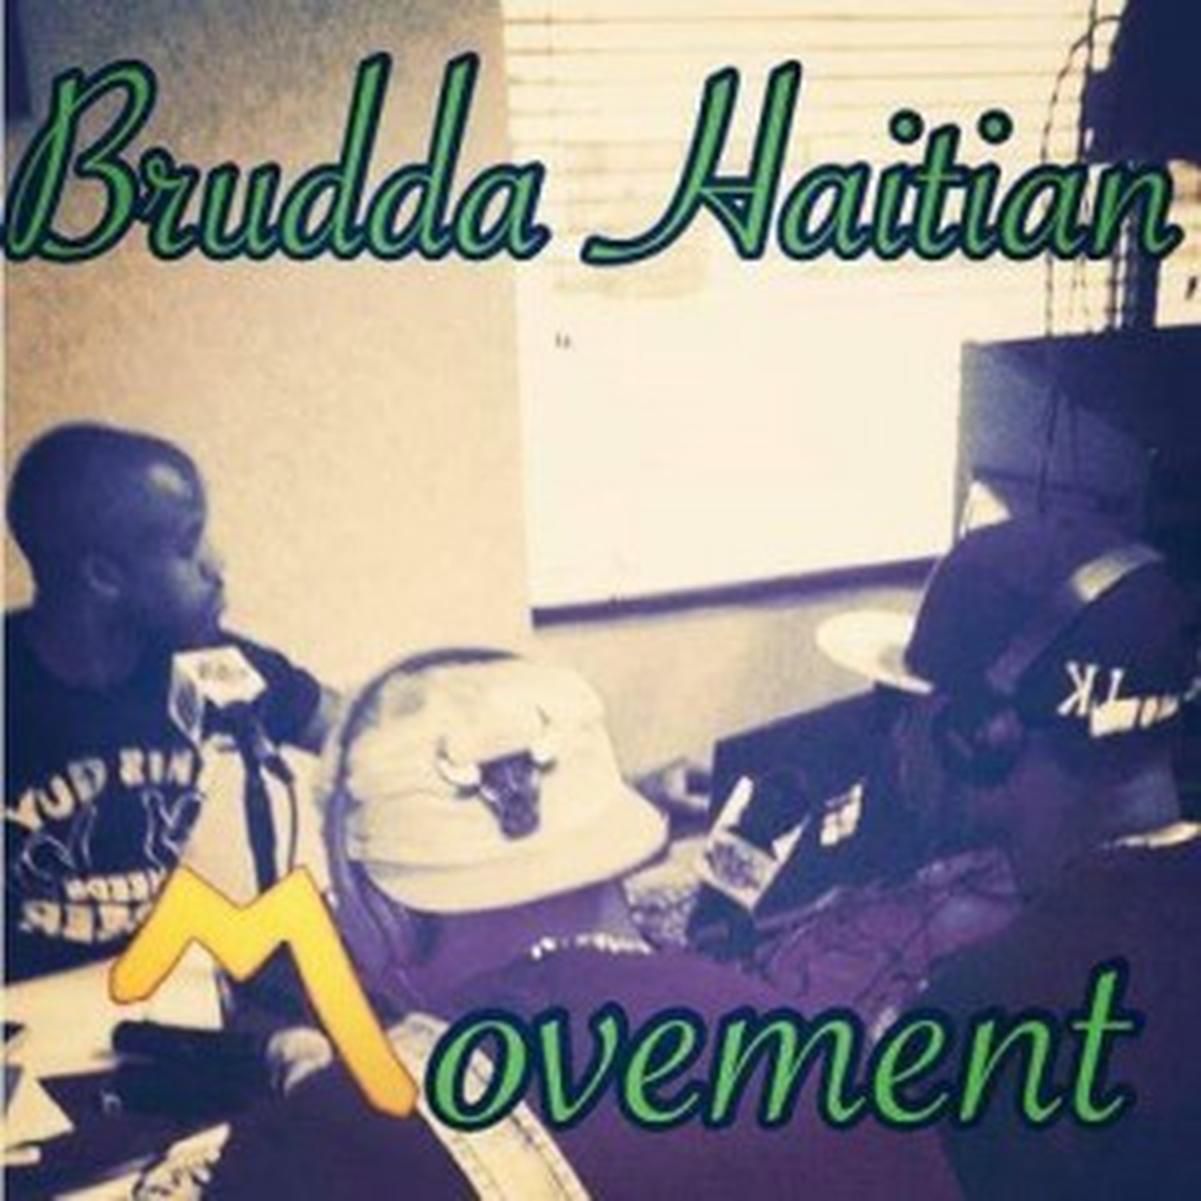 Brudda Haitian